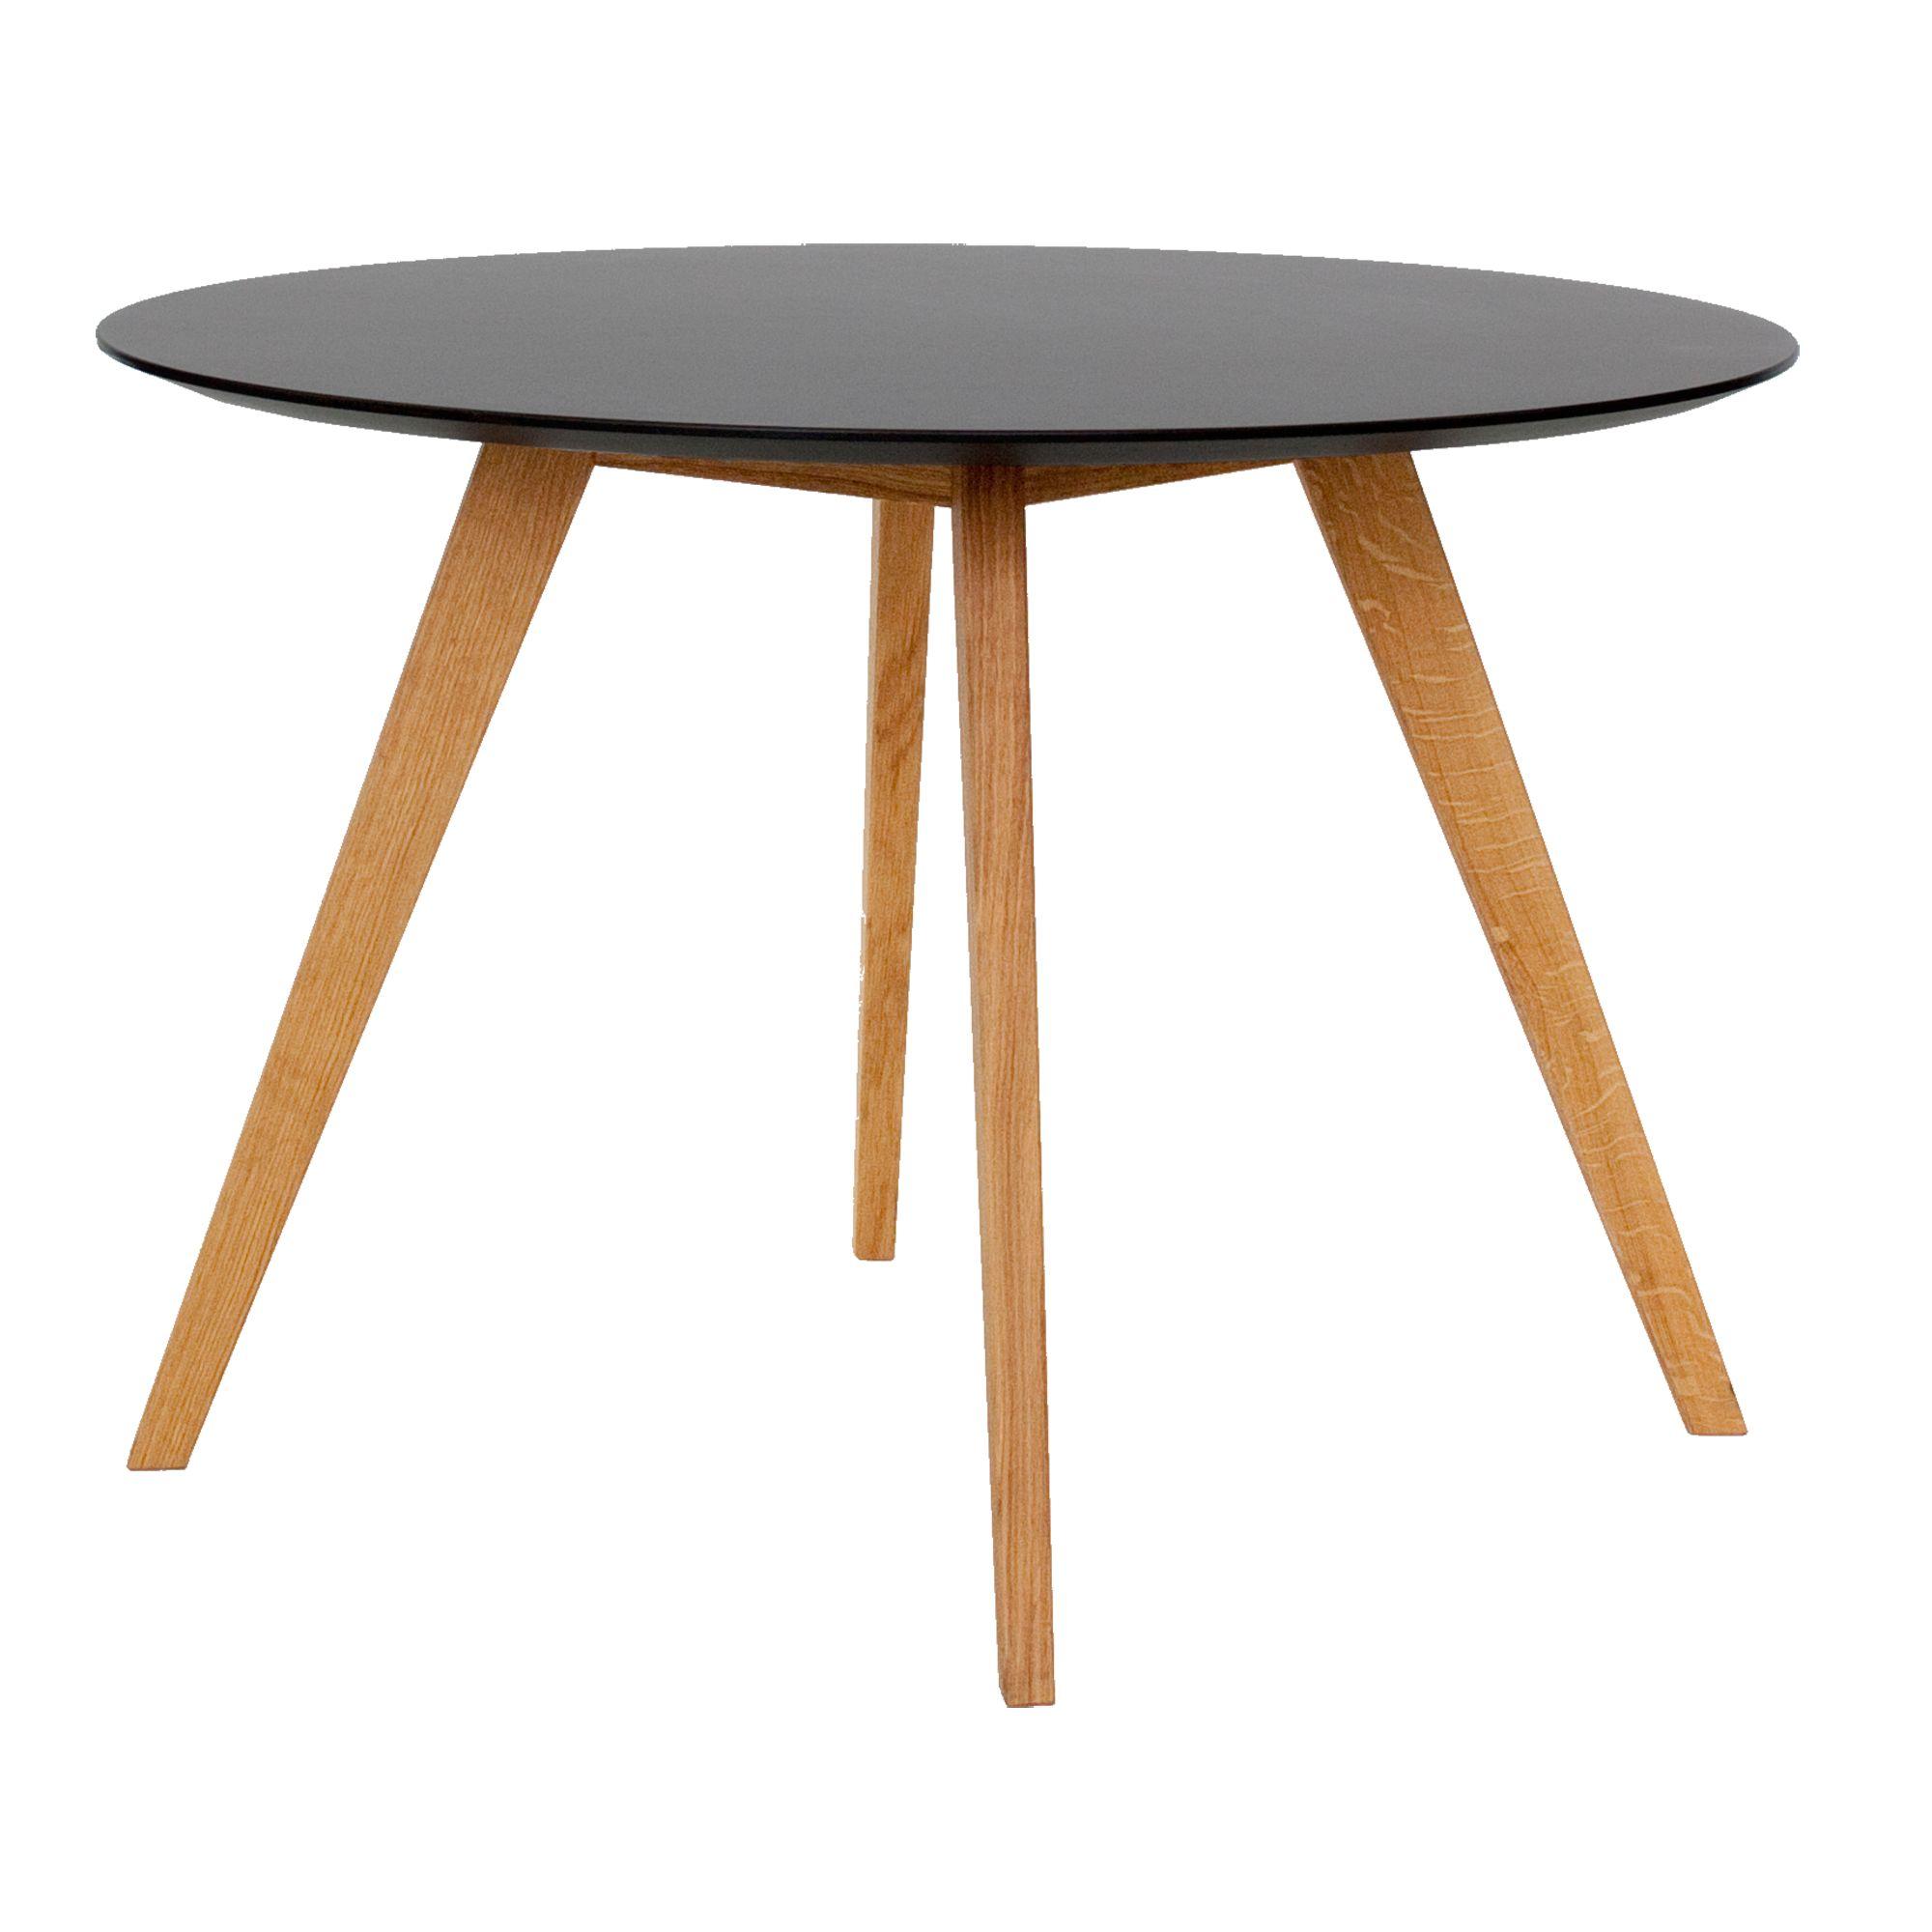 table ronde diametre 110cm hauteur 75cm noir | fly